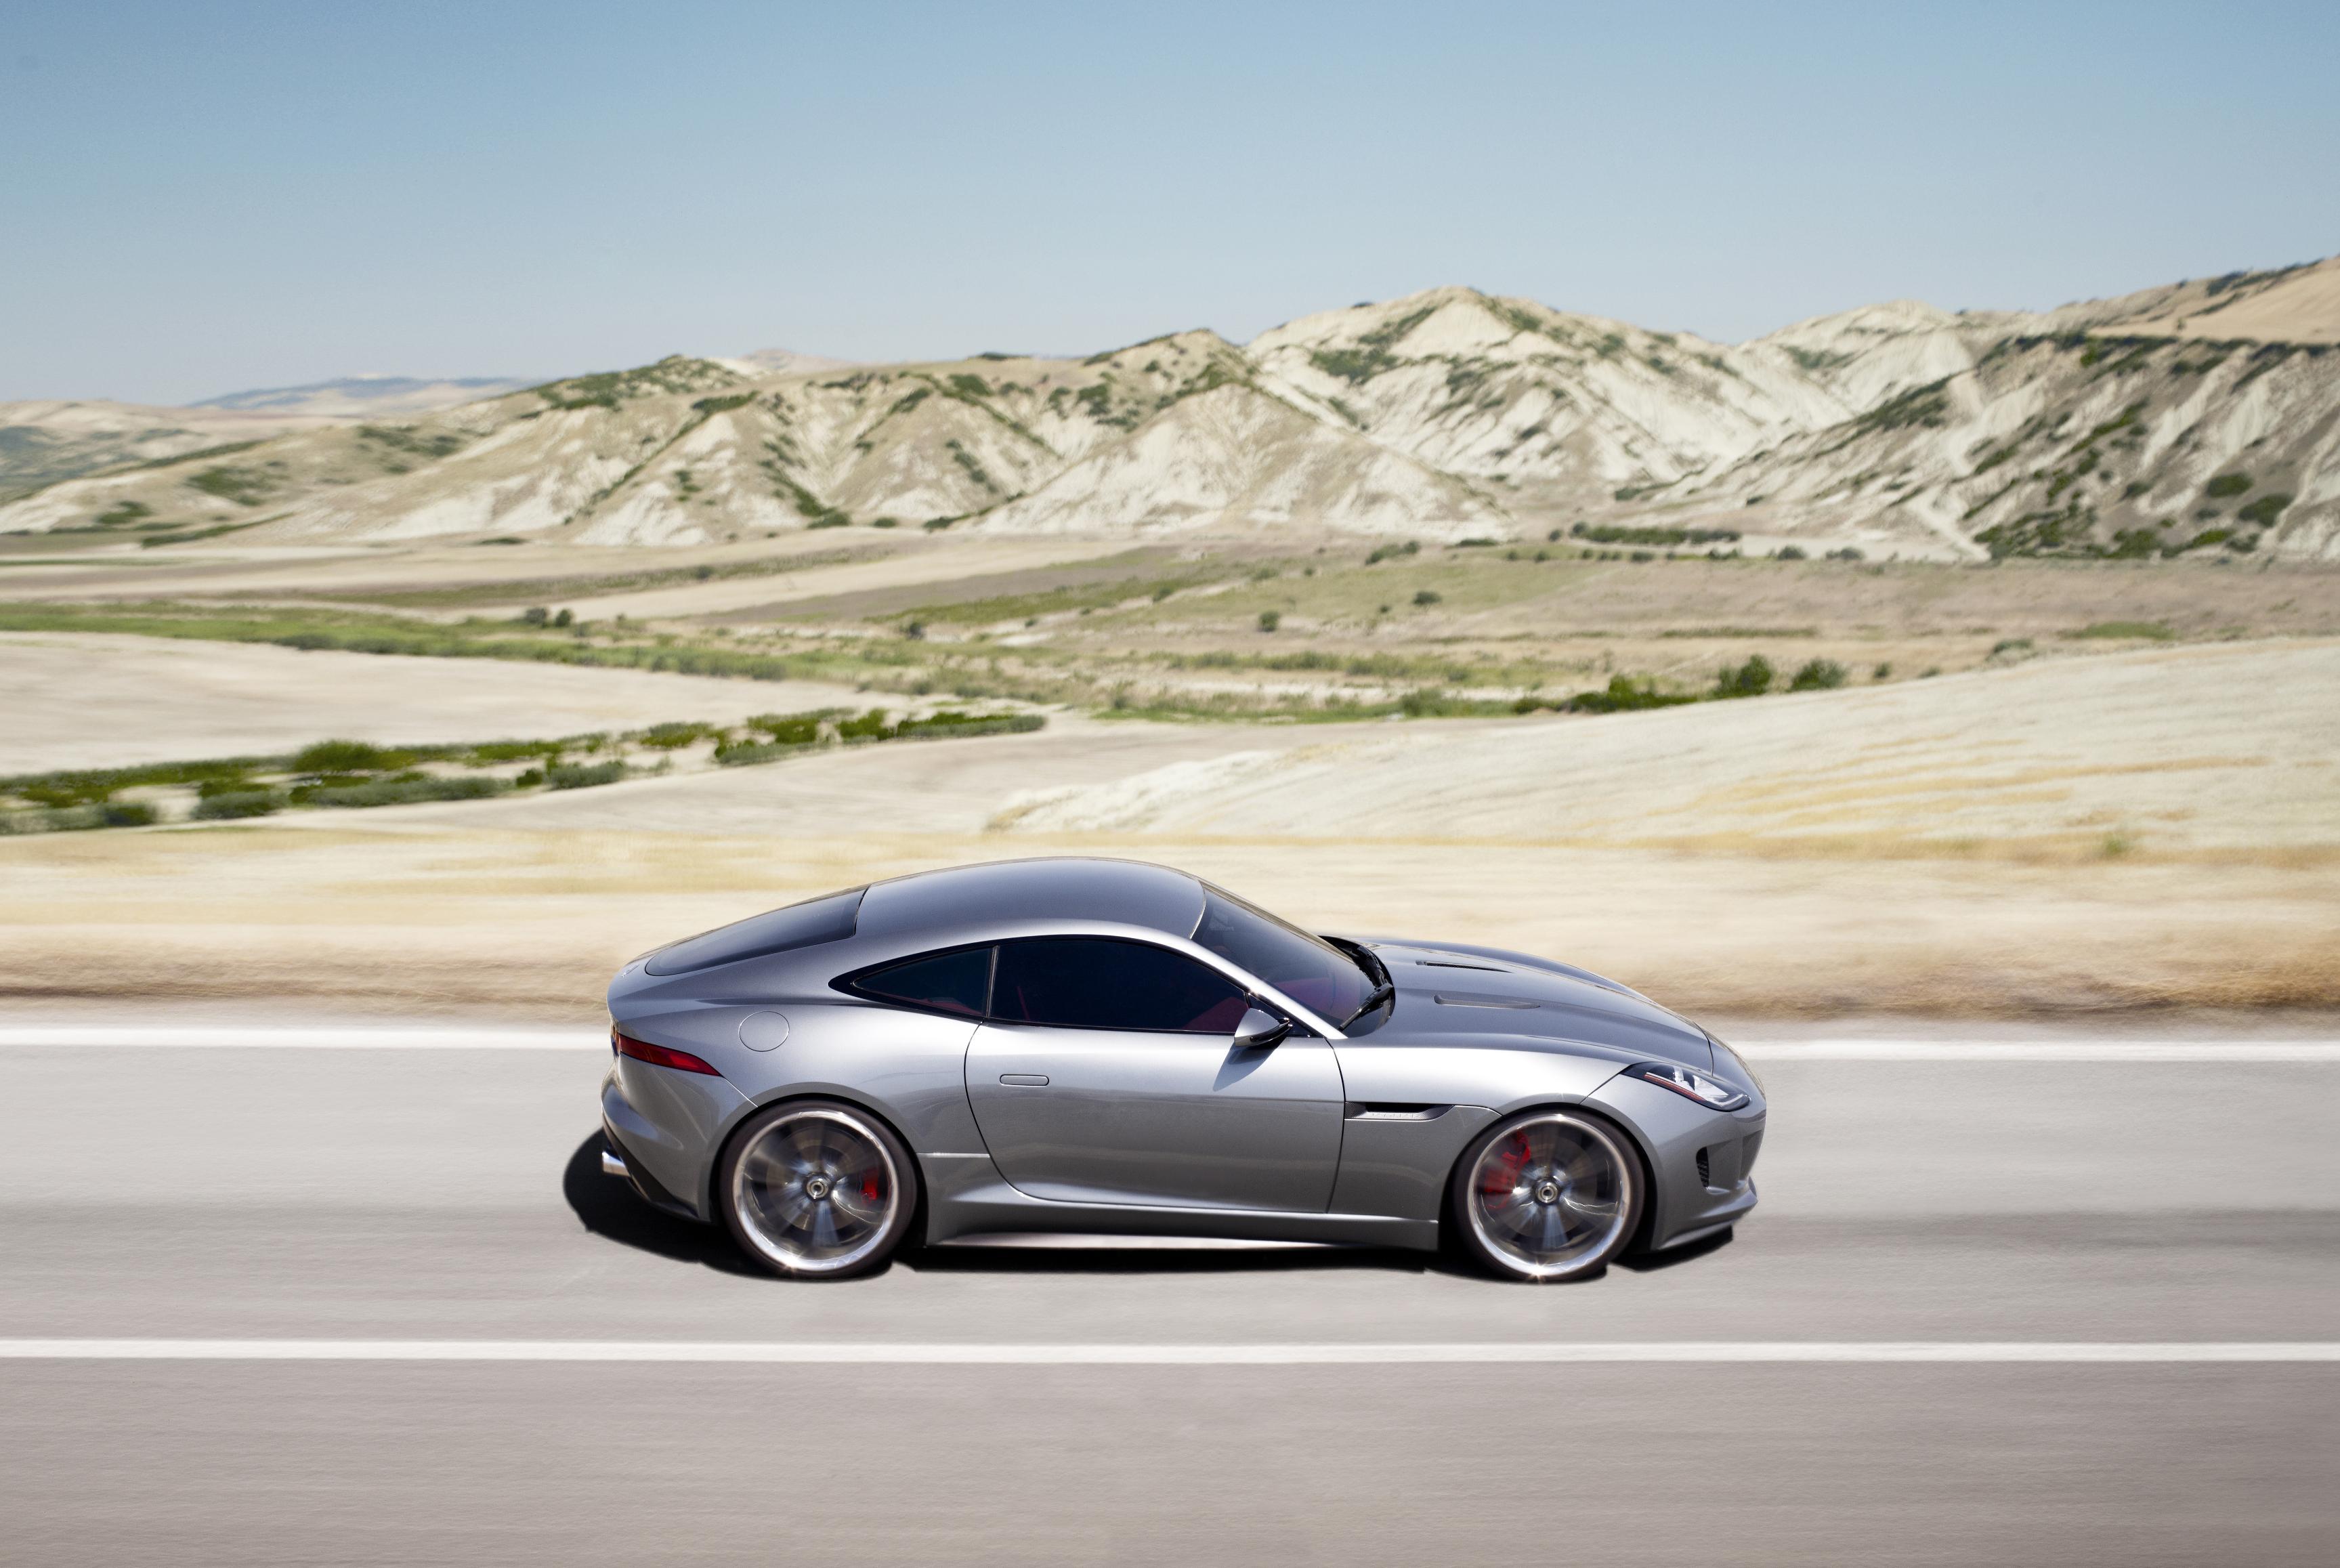 quarter r gear reviews xj sport review car top jaguar front